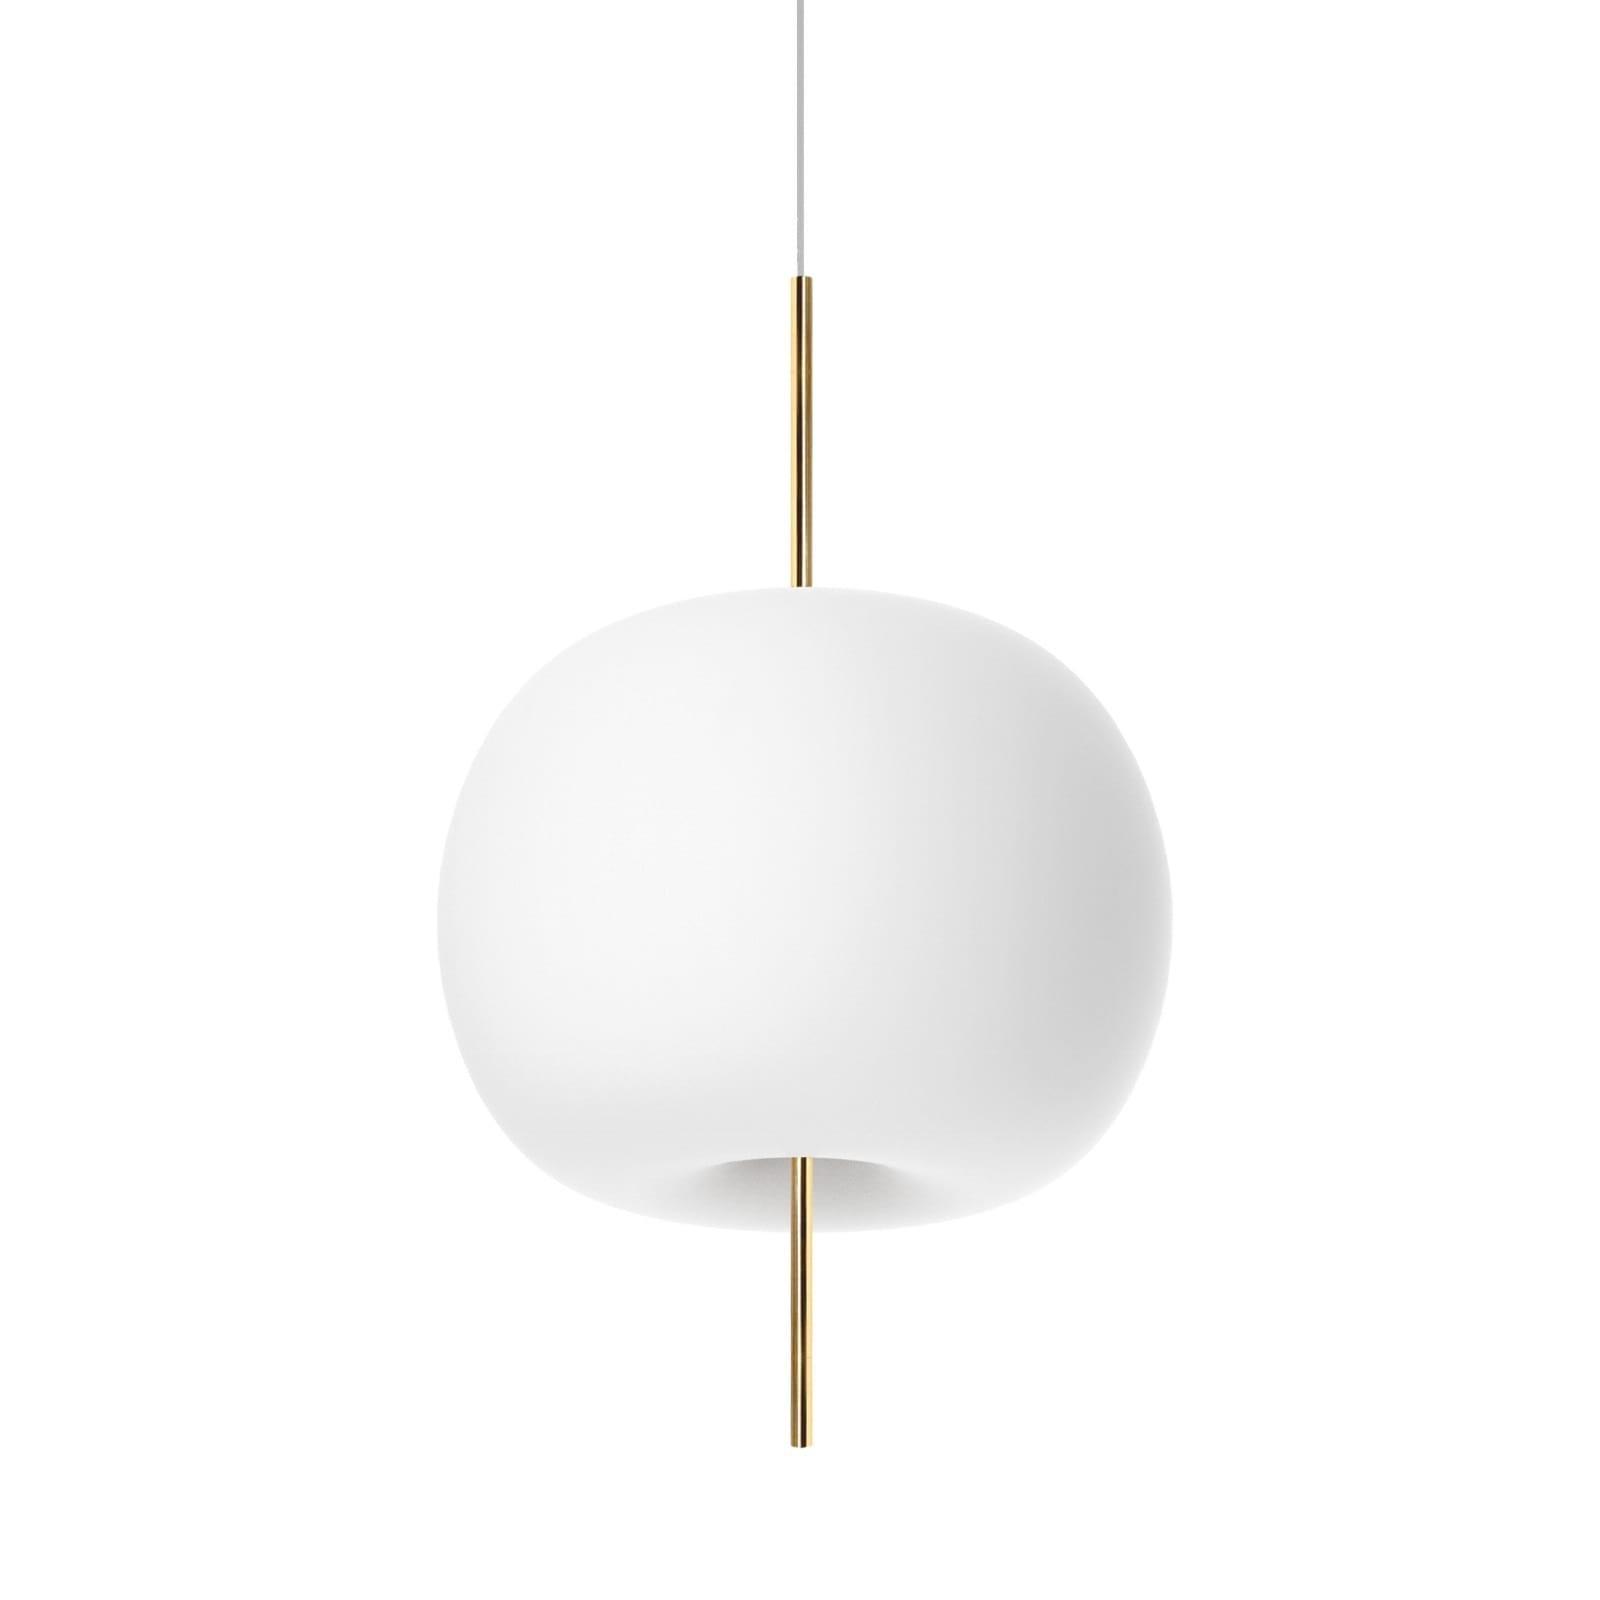 Kushi 33 Suspension Lamp LED or E27 Option (Brass) - Kundalini